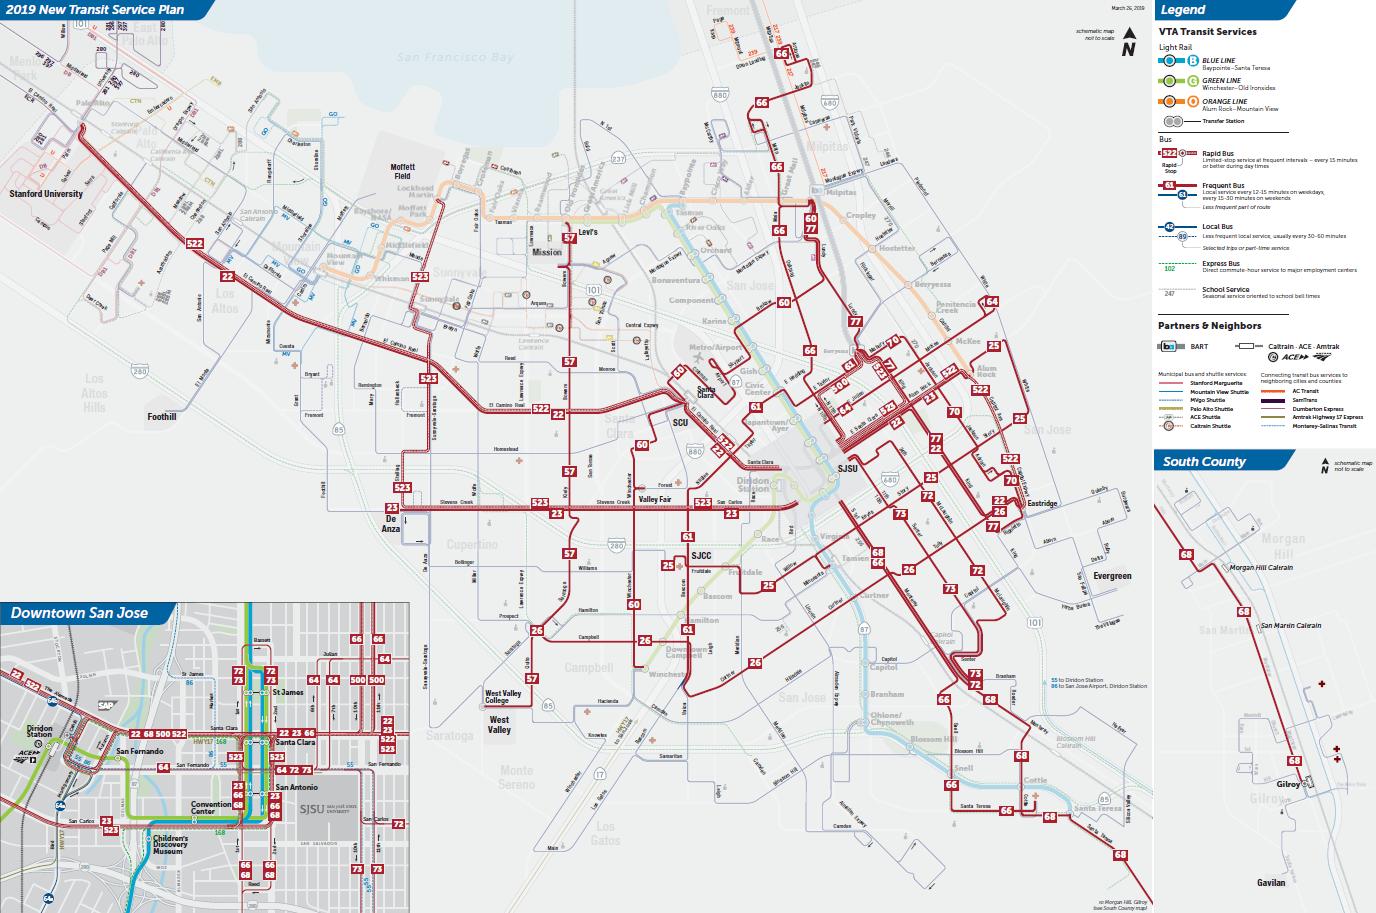 2019公共交通服務新計畫最終版本高班次路線地圖  (PDF)